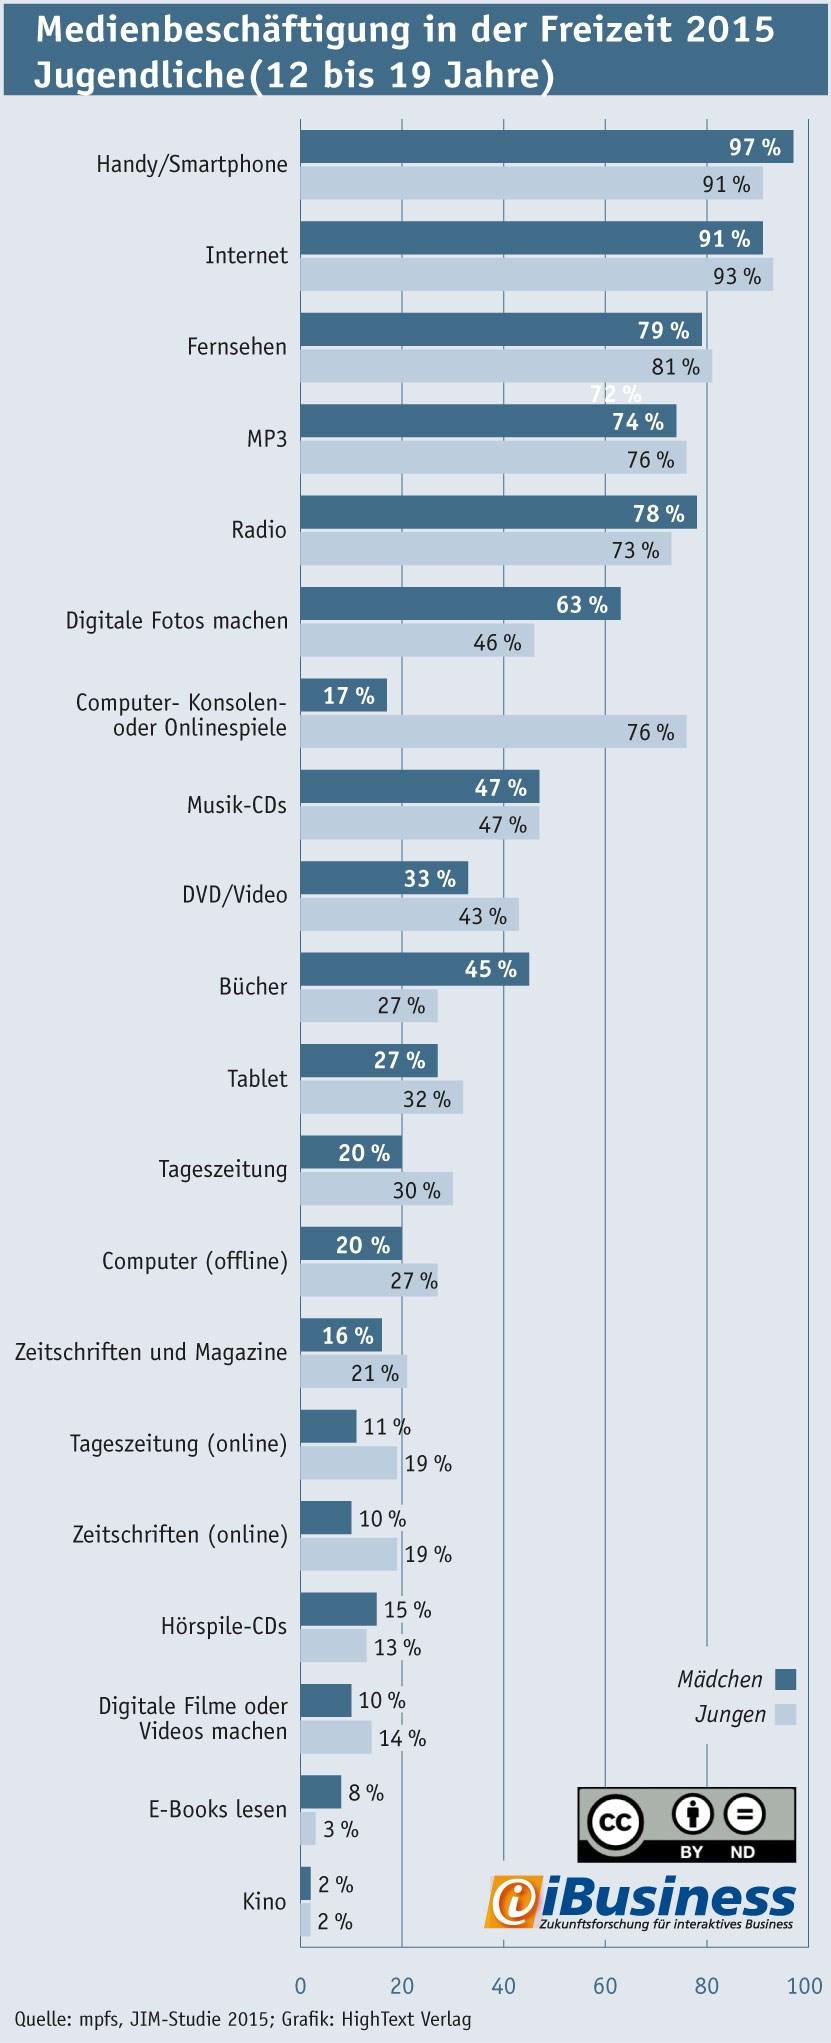 grafik ibusiness mpfs medienbeschäftigung  jugendliche